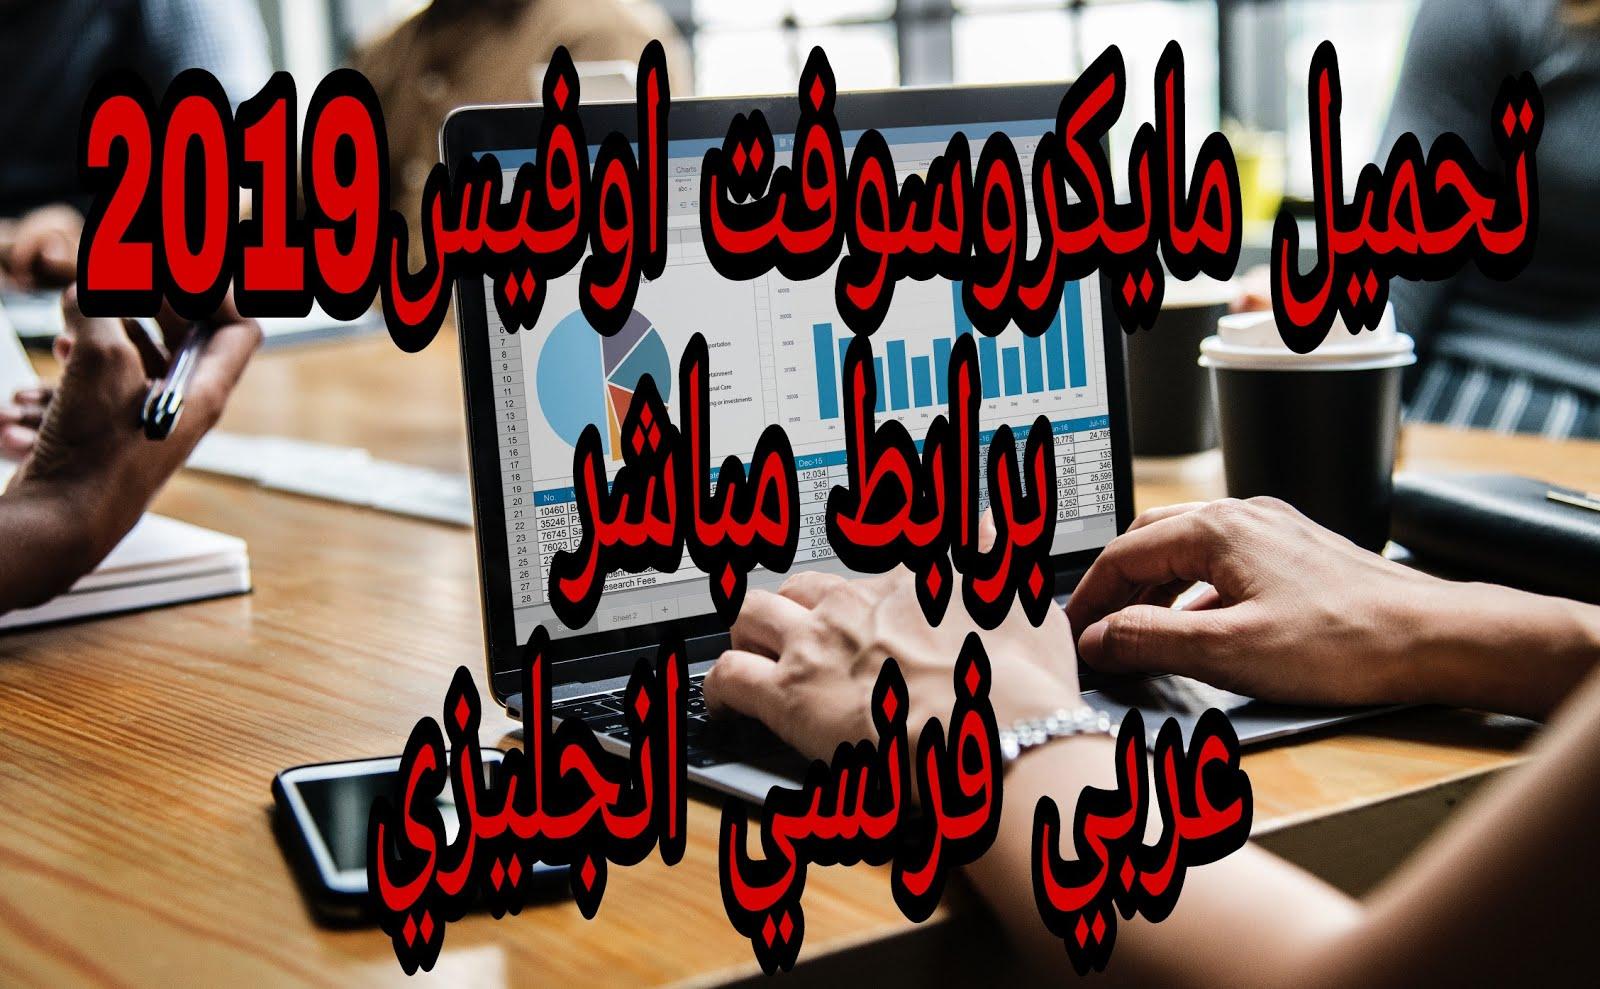 تحميل مايكروسوفت اوفيس 2013 عربي مجانا برابط واحد